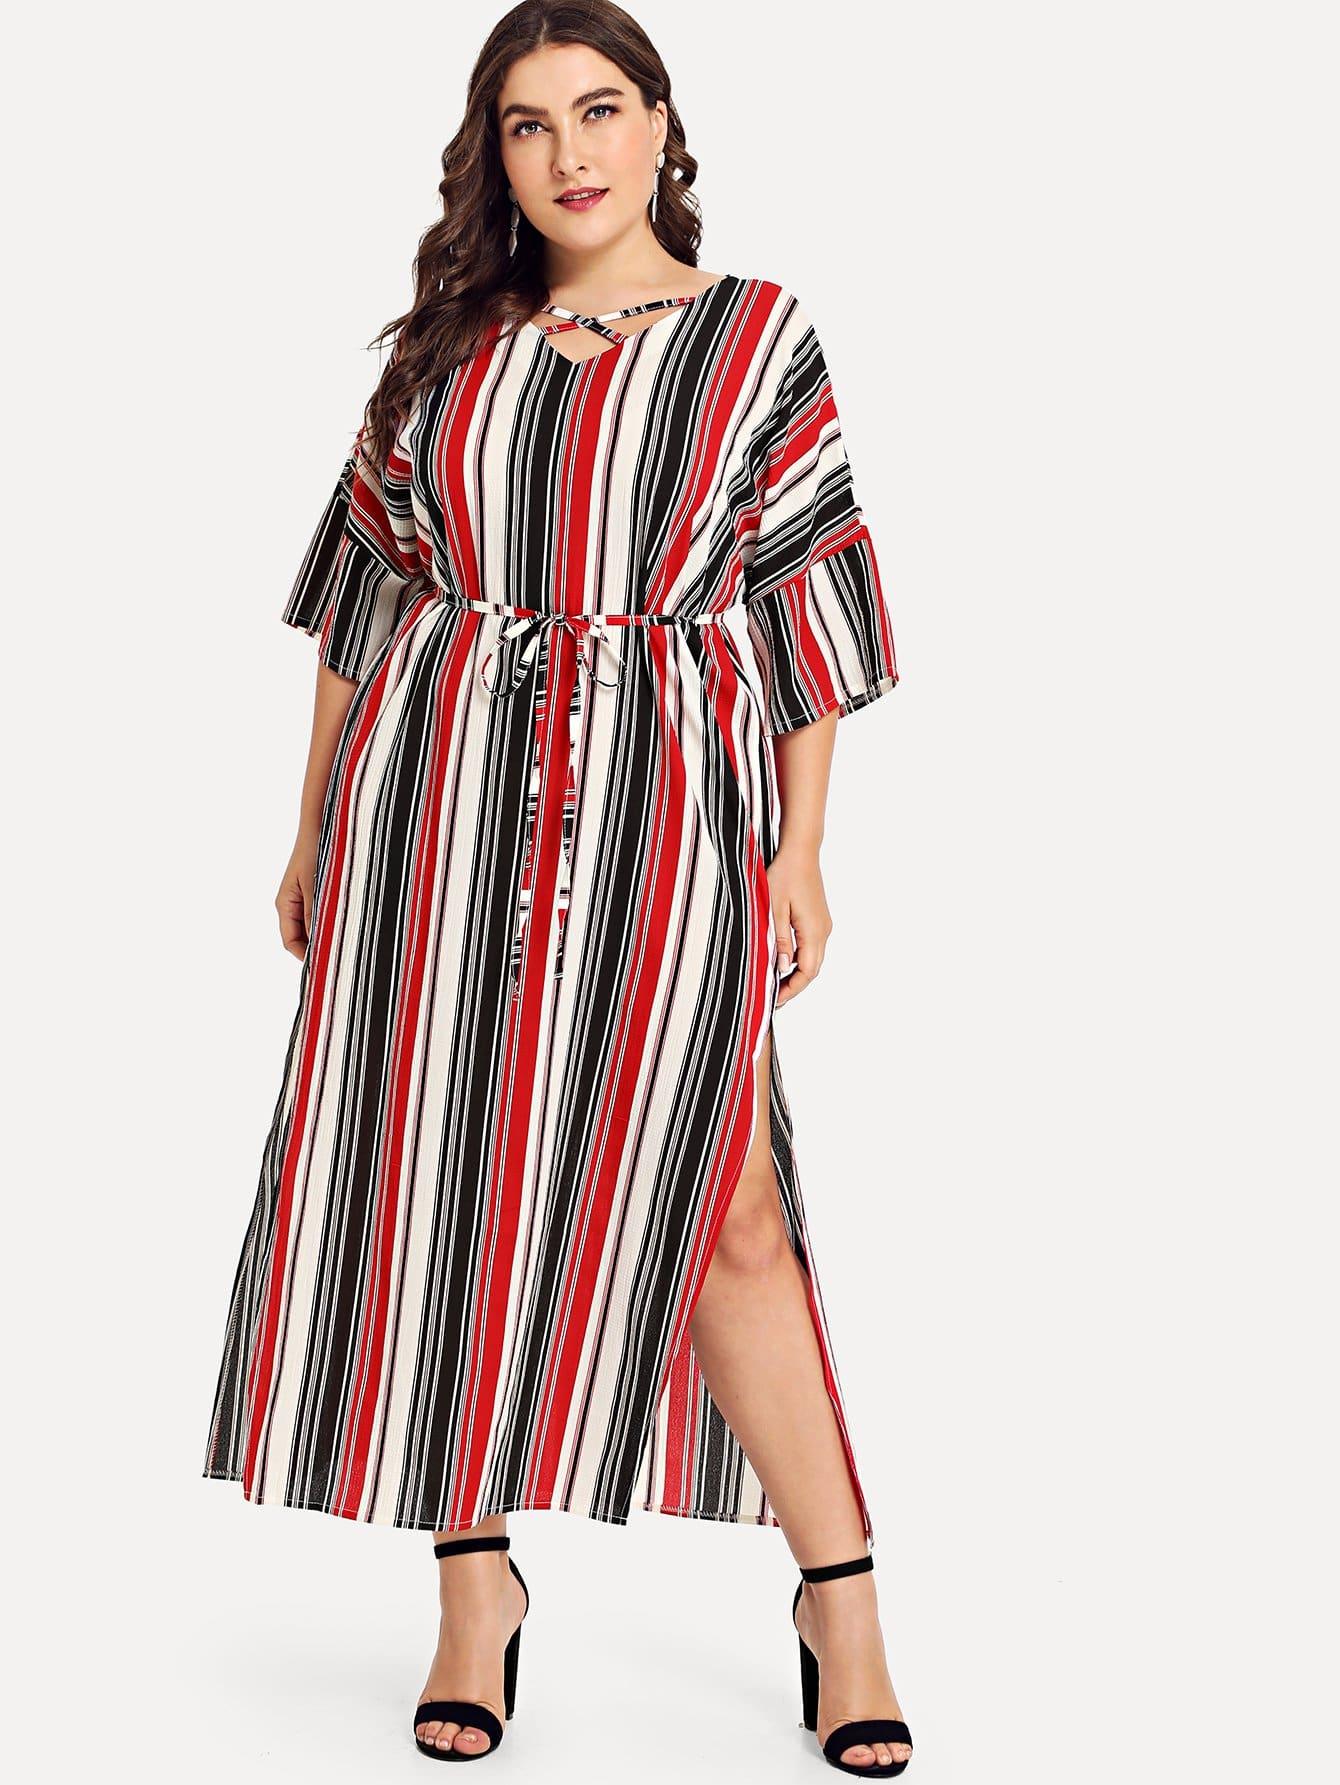 Plus Criss Cross Front Striped Dress empire waist criss cross front casual dress